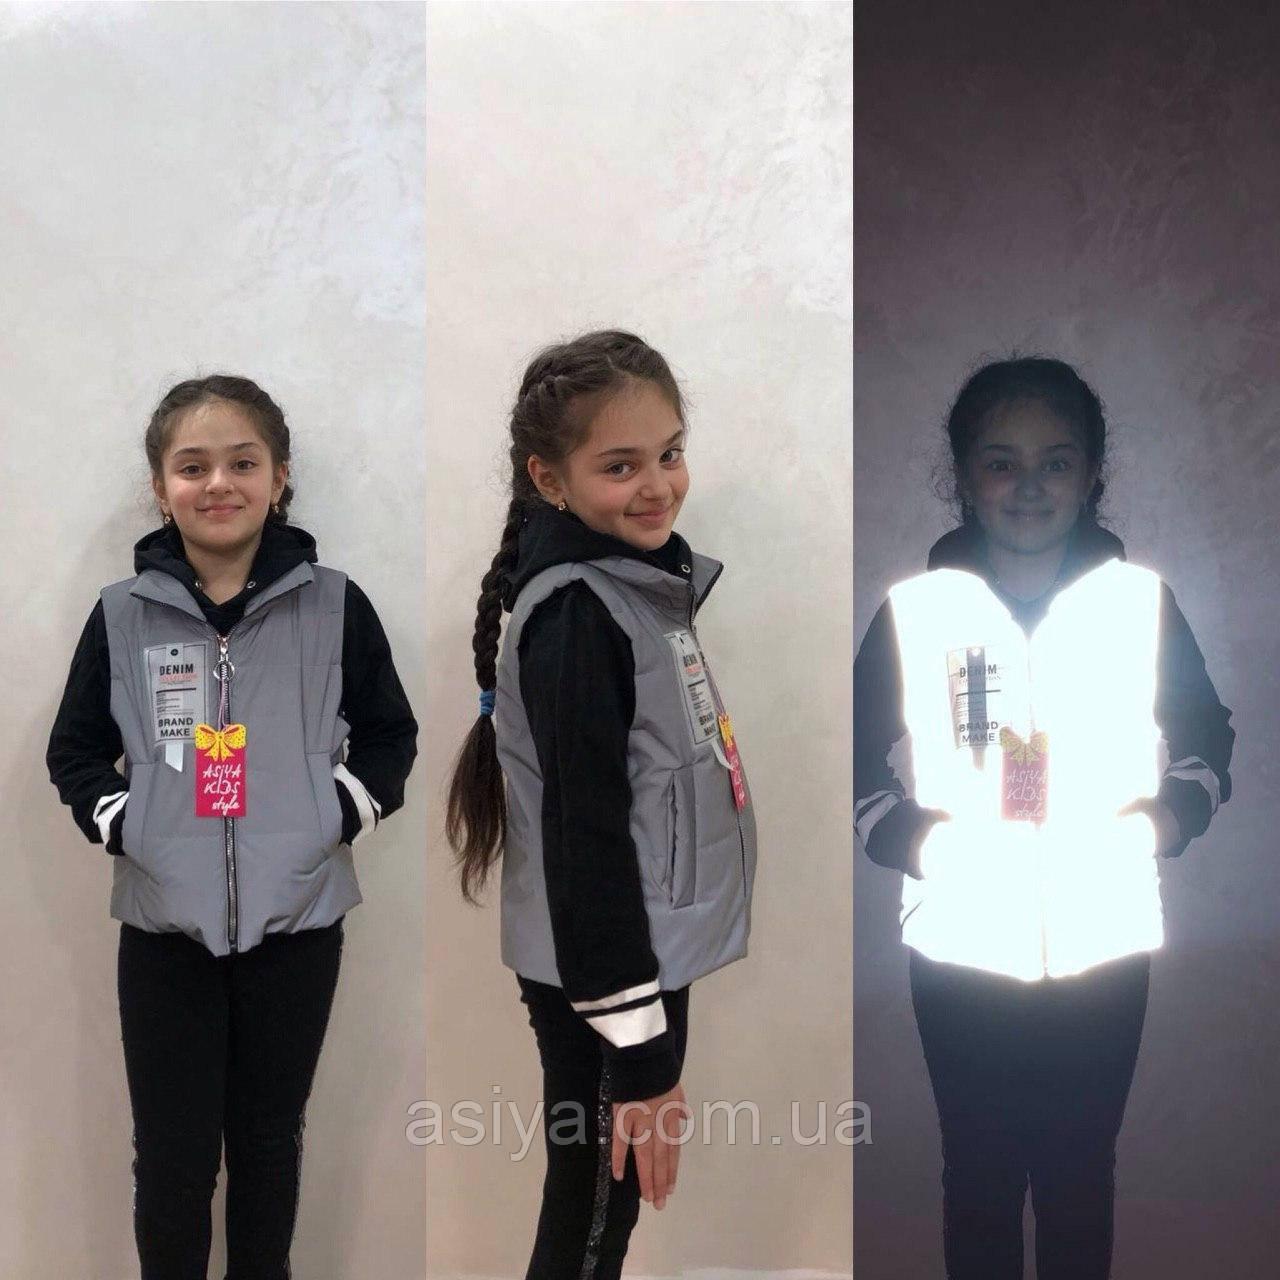 Жилетка для дівчинки світловідбиваюча